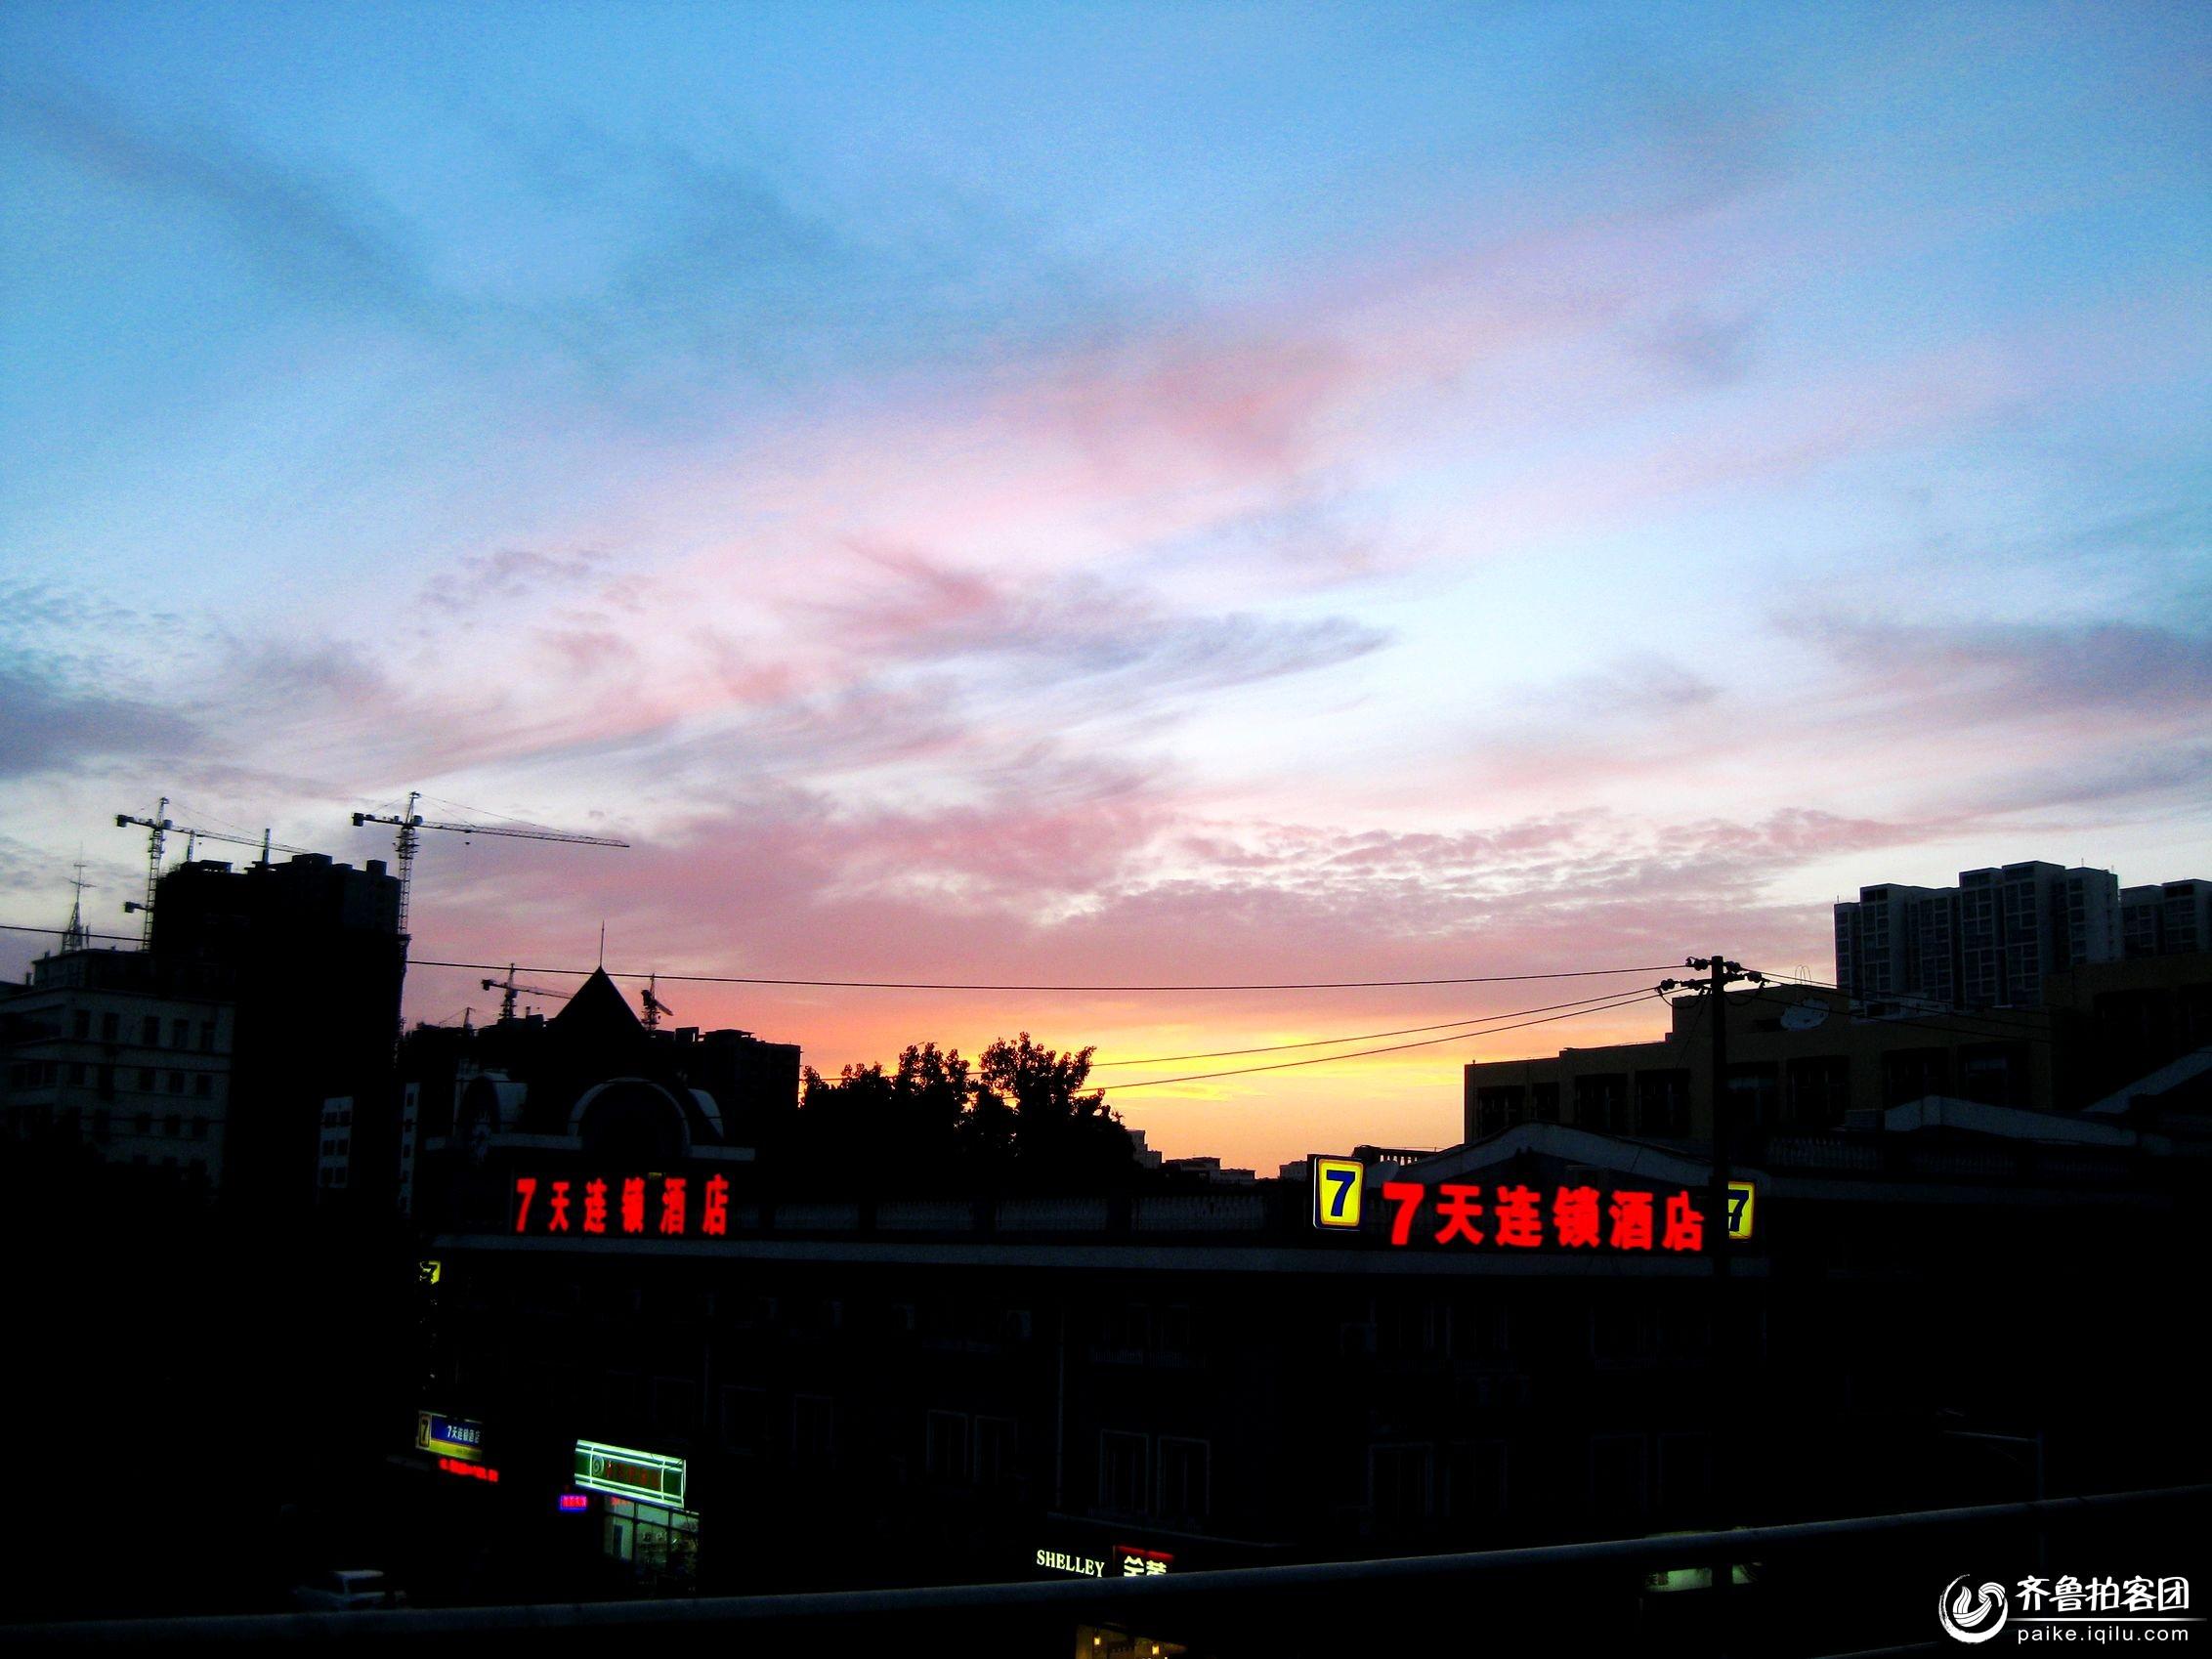 城市傍晚--------晚霞 - 青岛拍客 - 齐鲁社区 - 山东